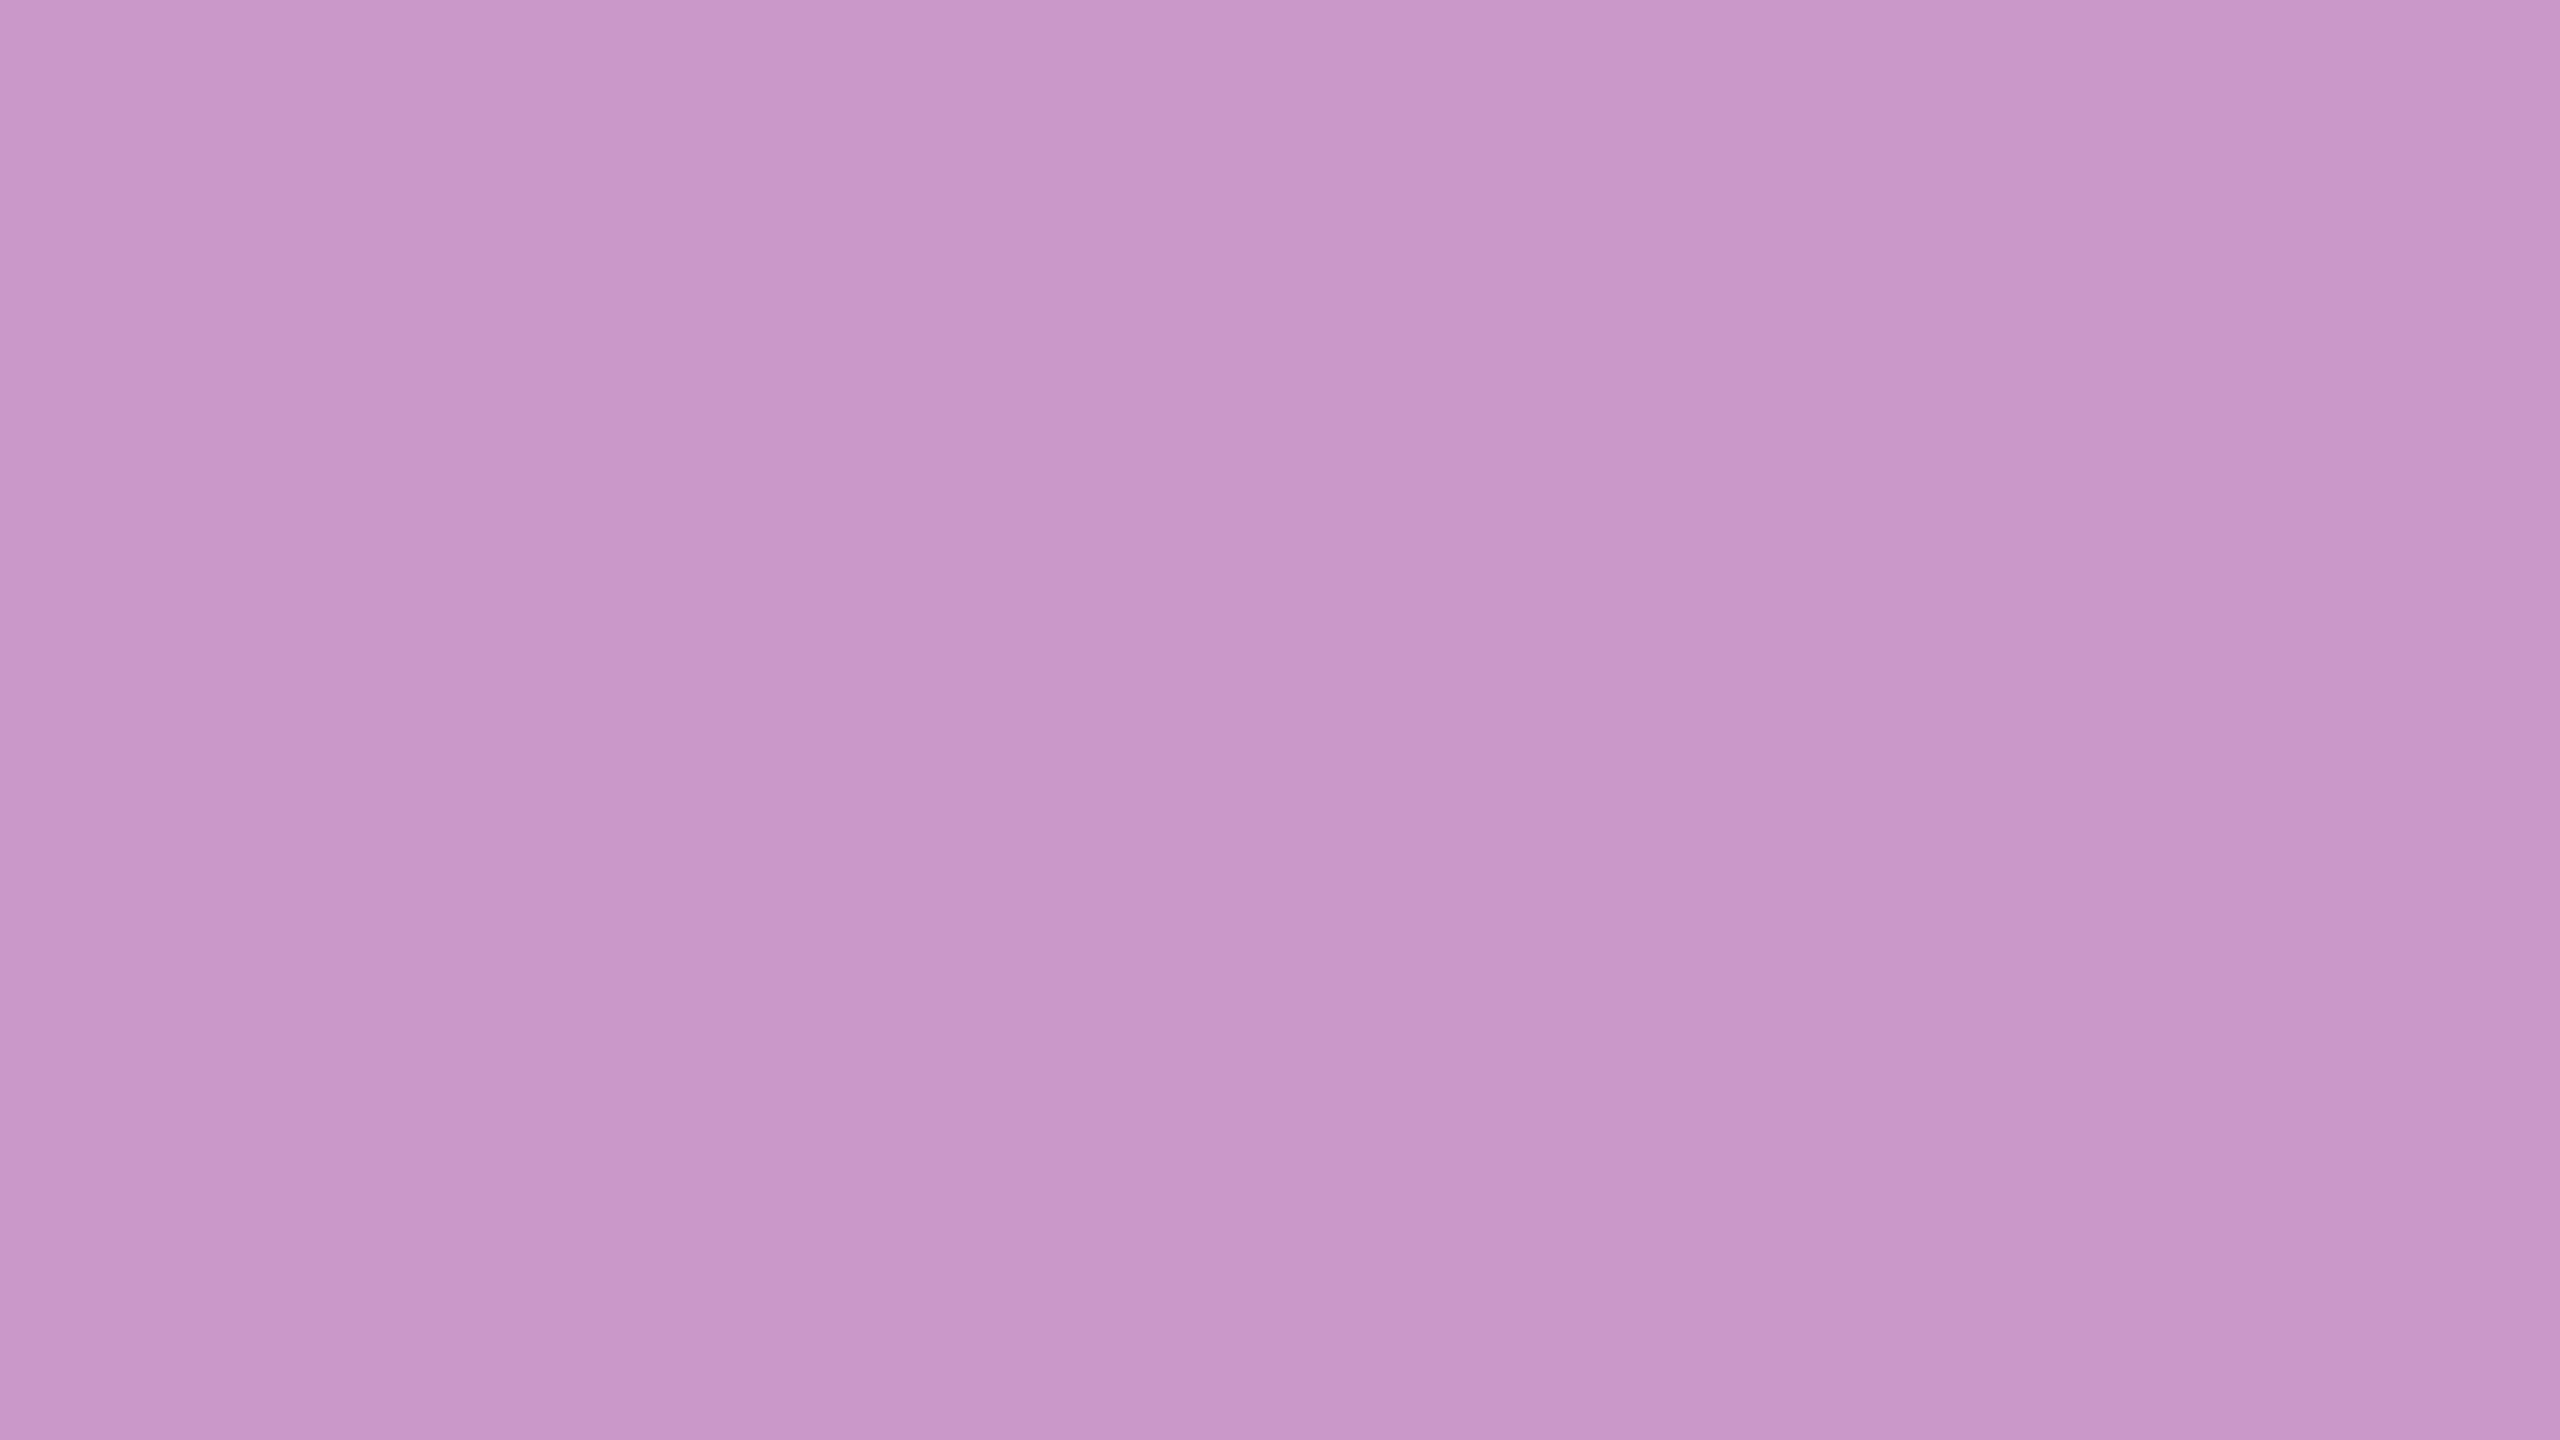 2560×1440-pastel-violet-solid-color-background